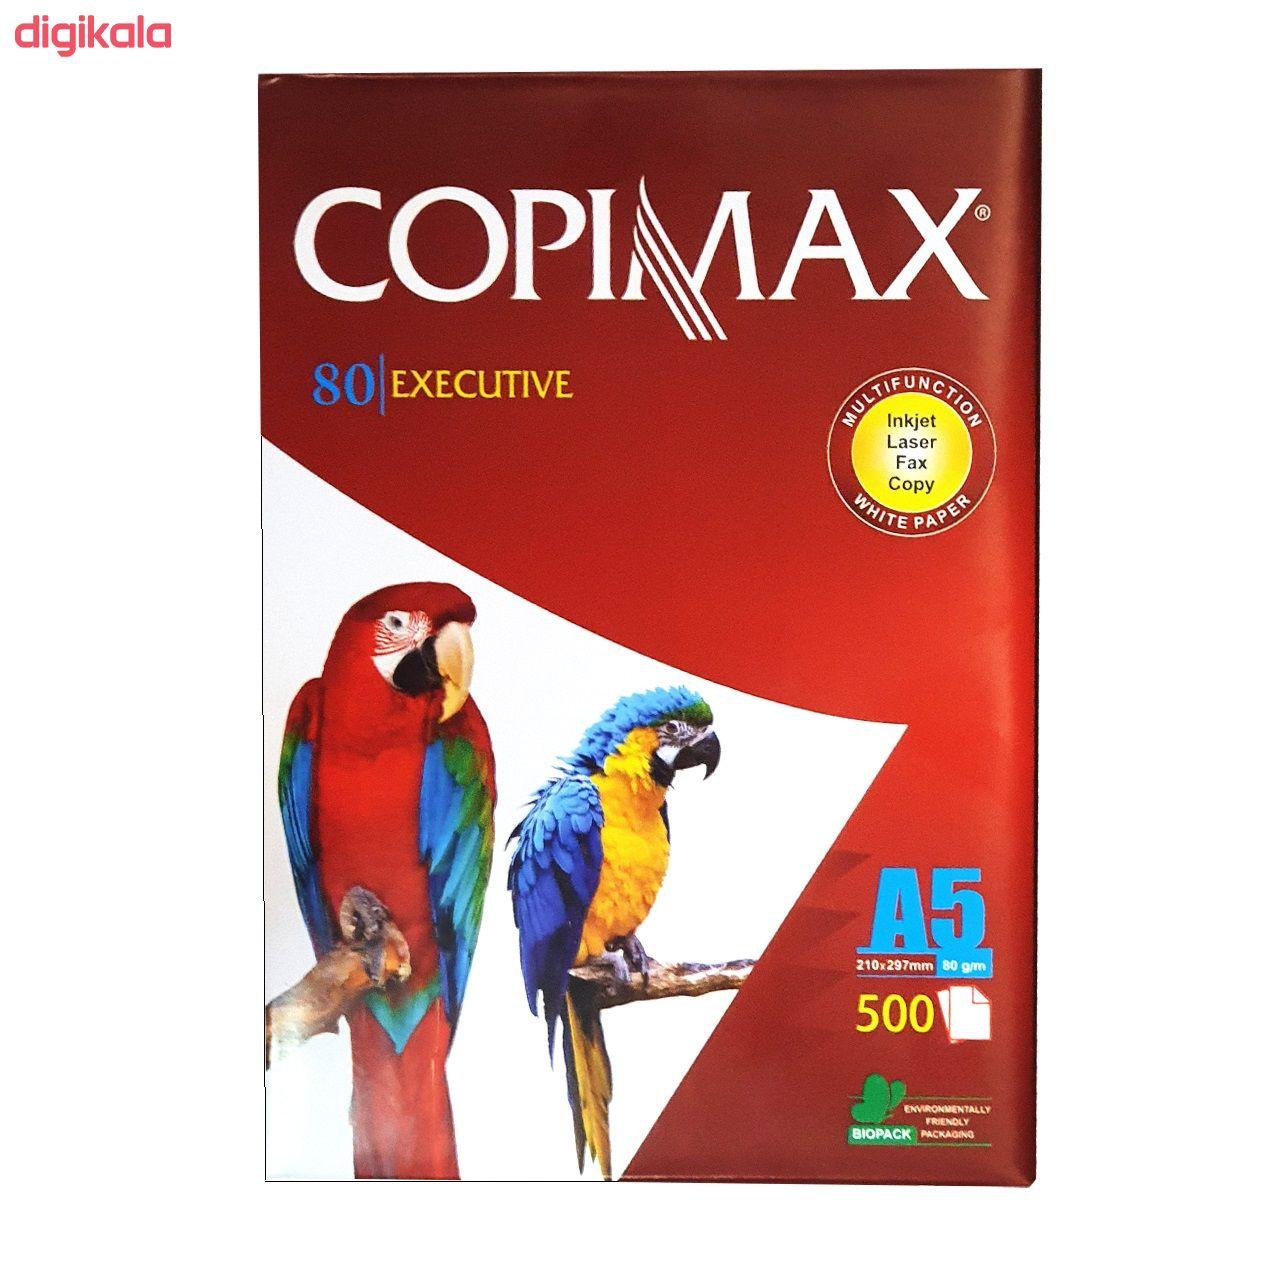 کاغذ A5 کپی مکس مدل A5EX01 بسته 500 عددی main 1 2